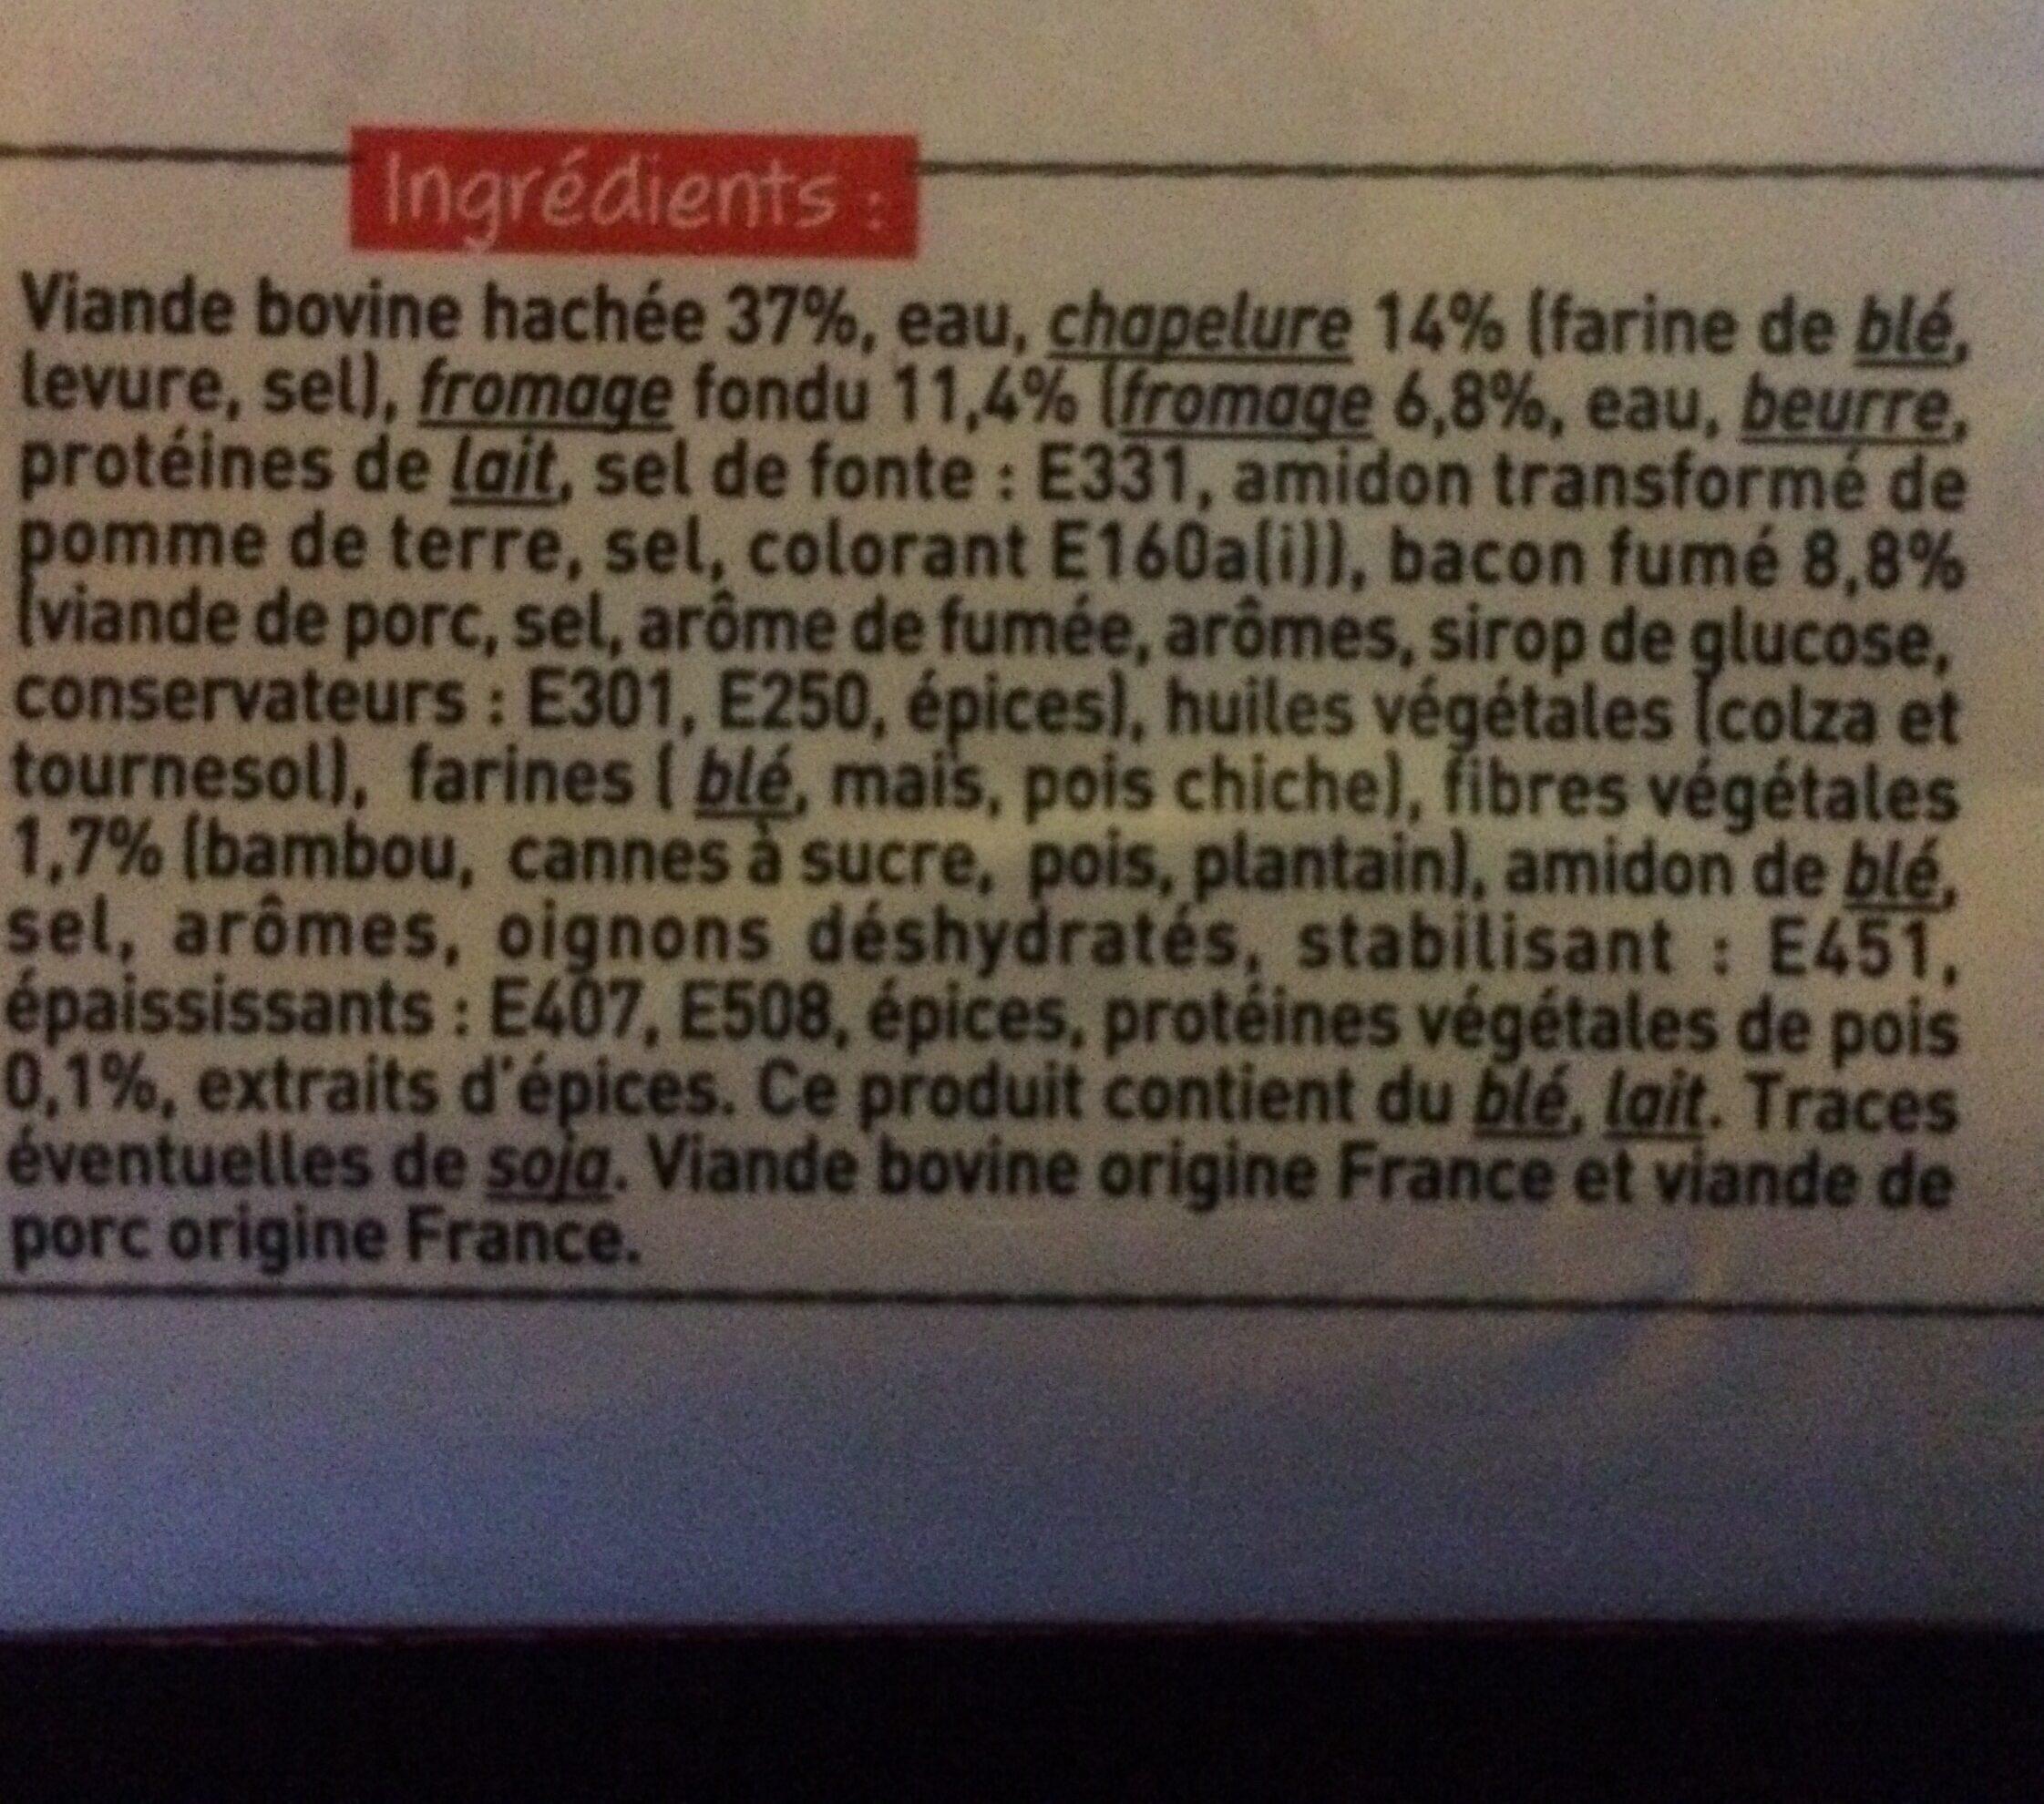 Boeuf Haché (85% de Maigre / 15% de Matières Grasses, Pâté, Cuit, Grillé) - Ingredients